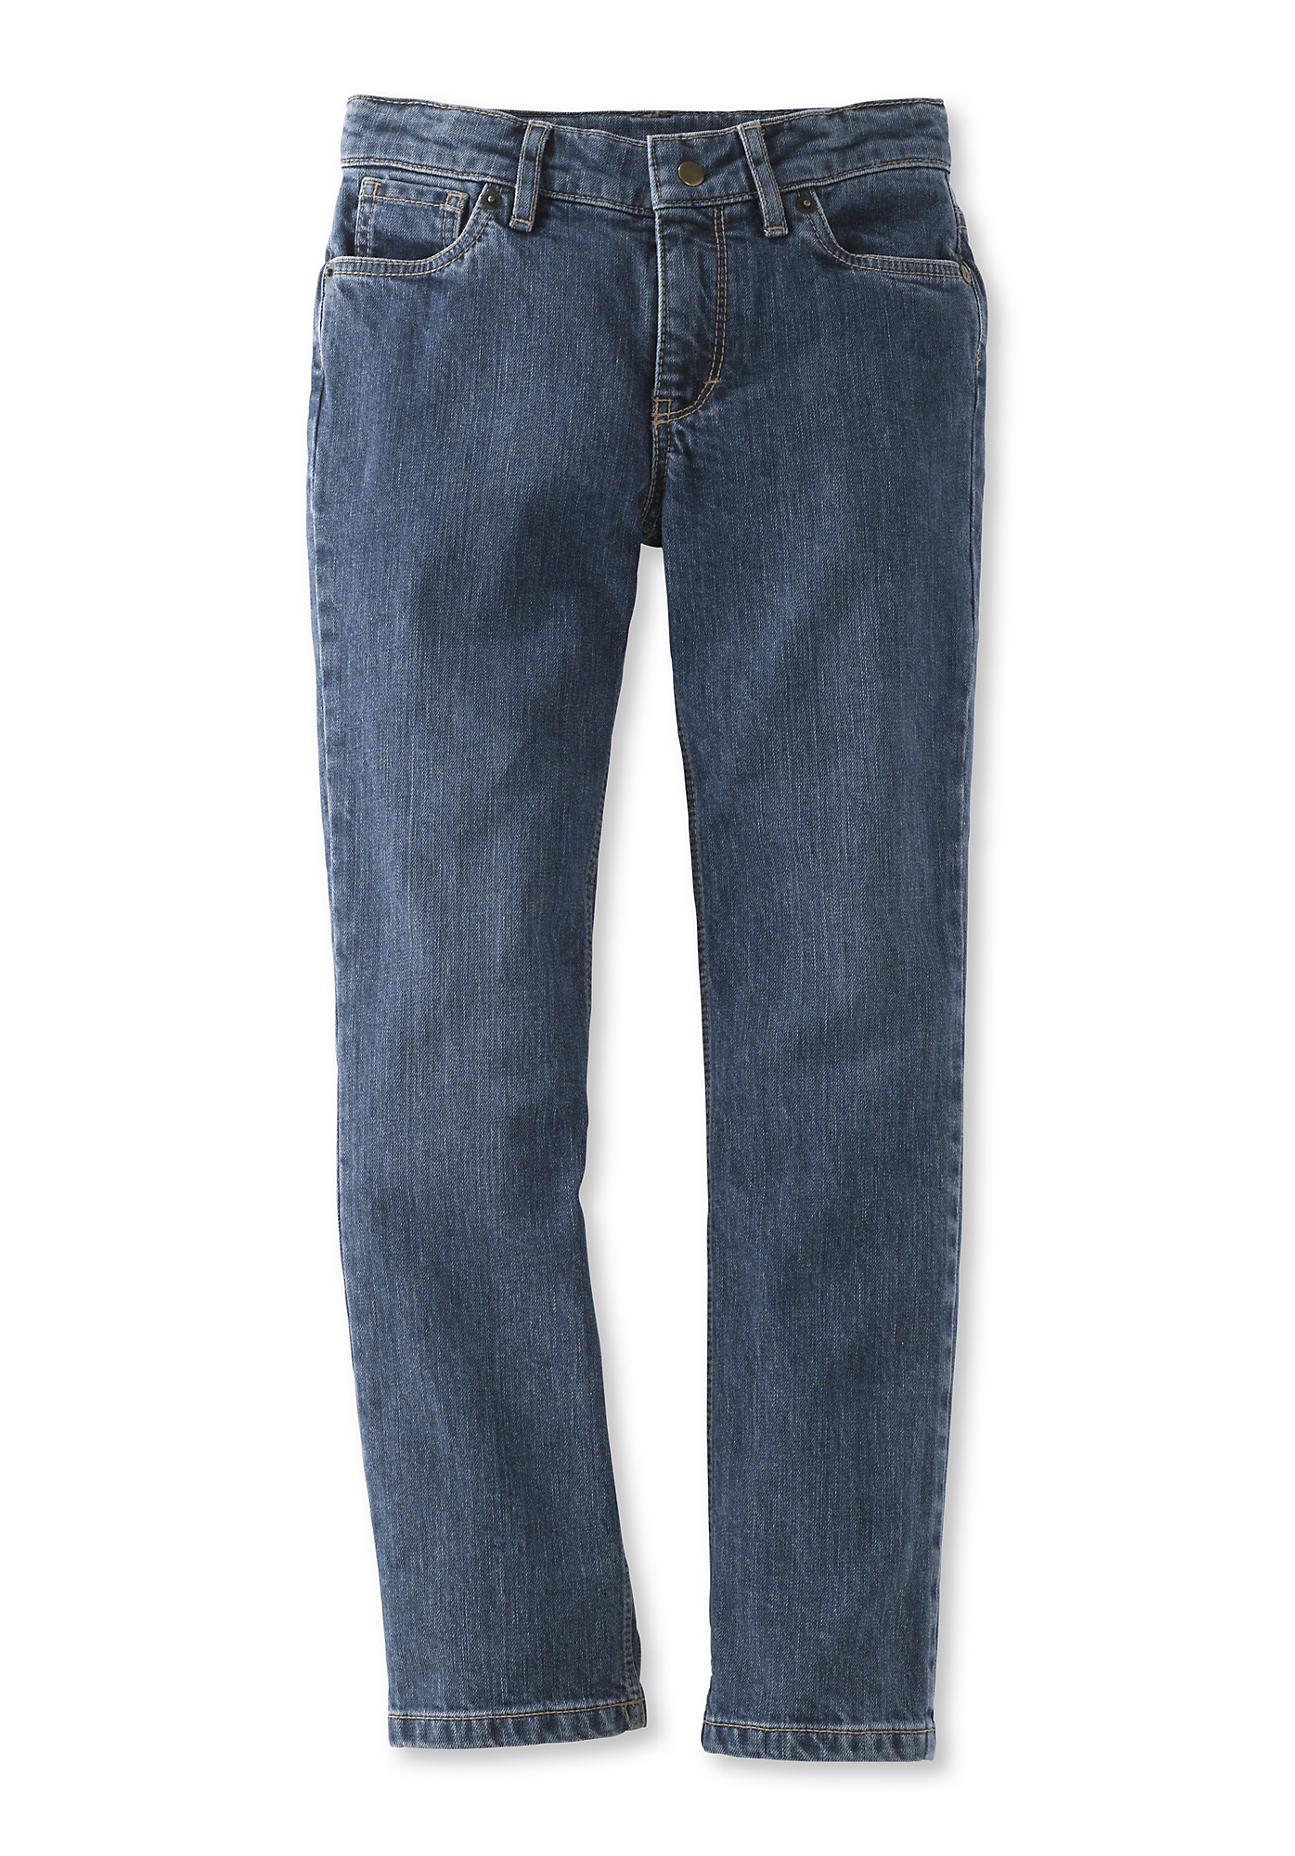 hessnatur Baby Schmale Jeans aus Bio-Baumwolle – blau – Größe 98